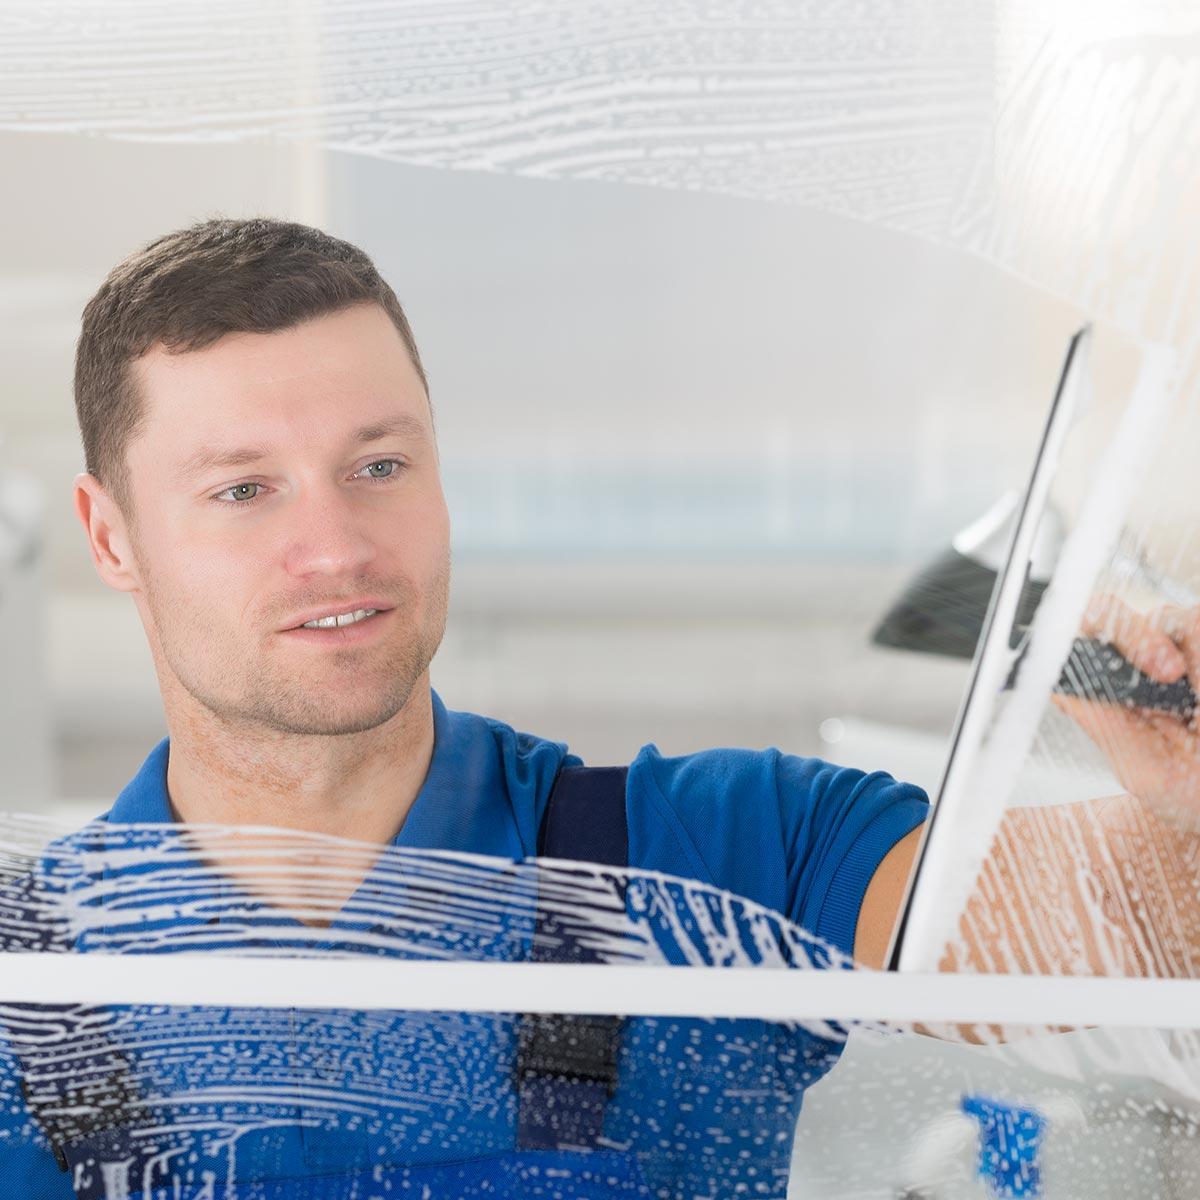 Fensterputzer Hamburg Harburg putzt zuverlaääsig Fenster in privaten Haushalten.